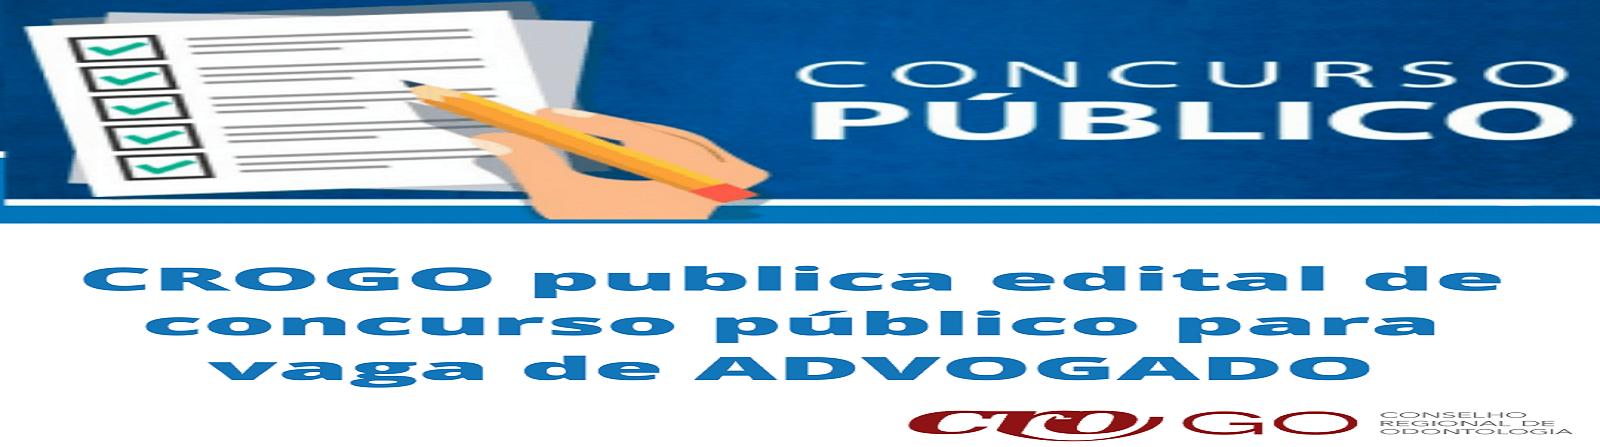 CROGO_anuncia_concurso_pblico_para_advogado_-_1600_x_447